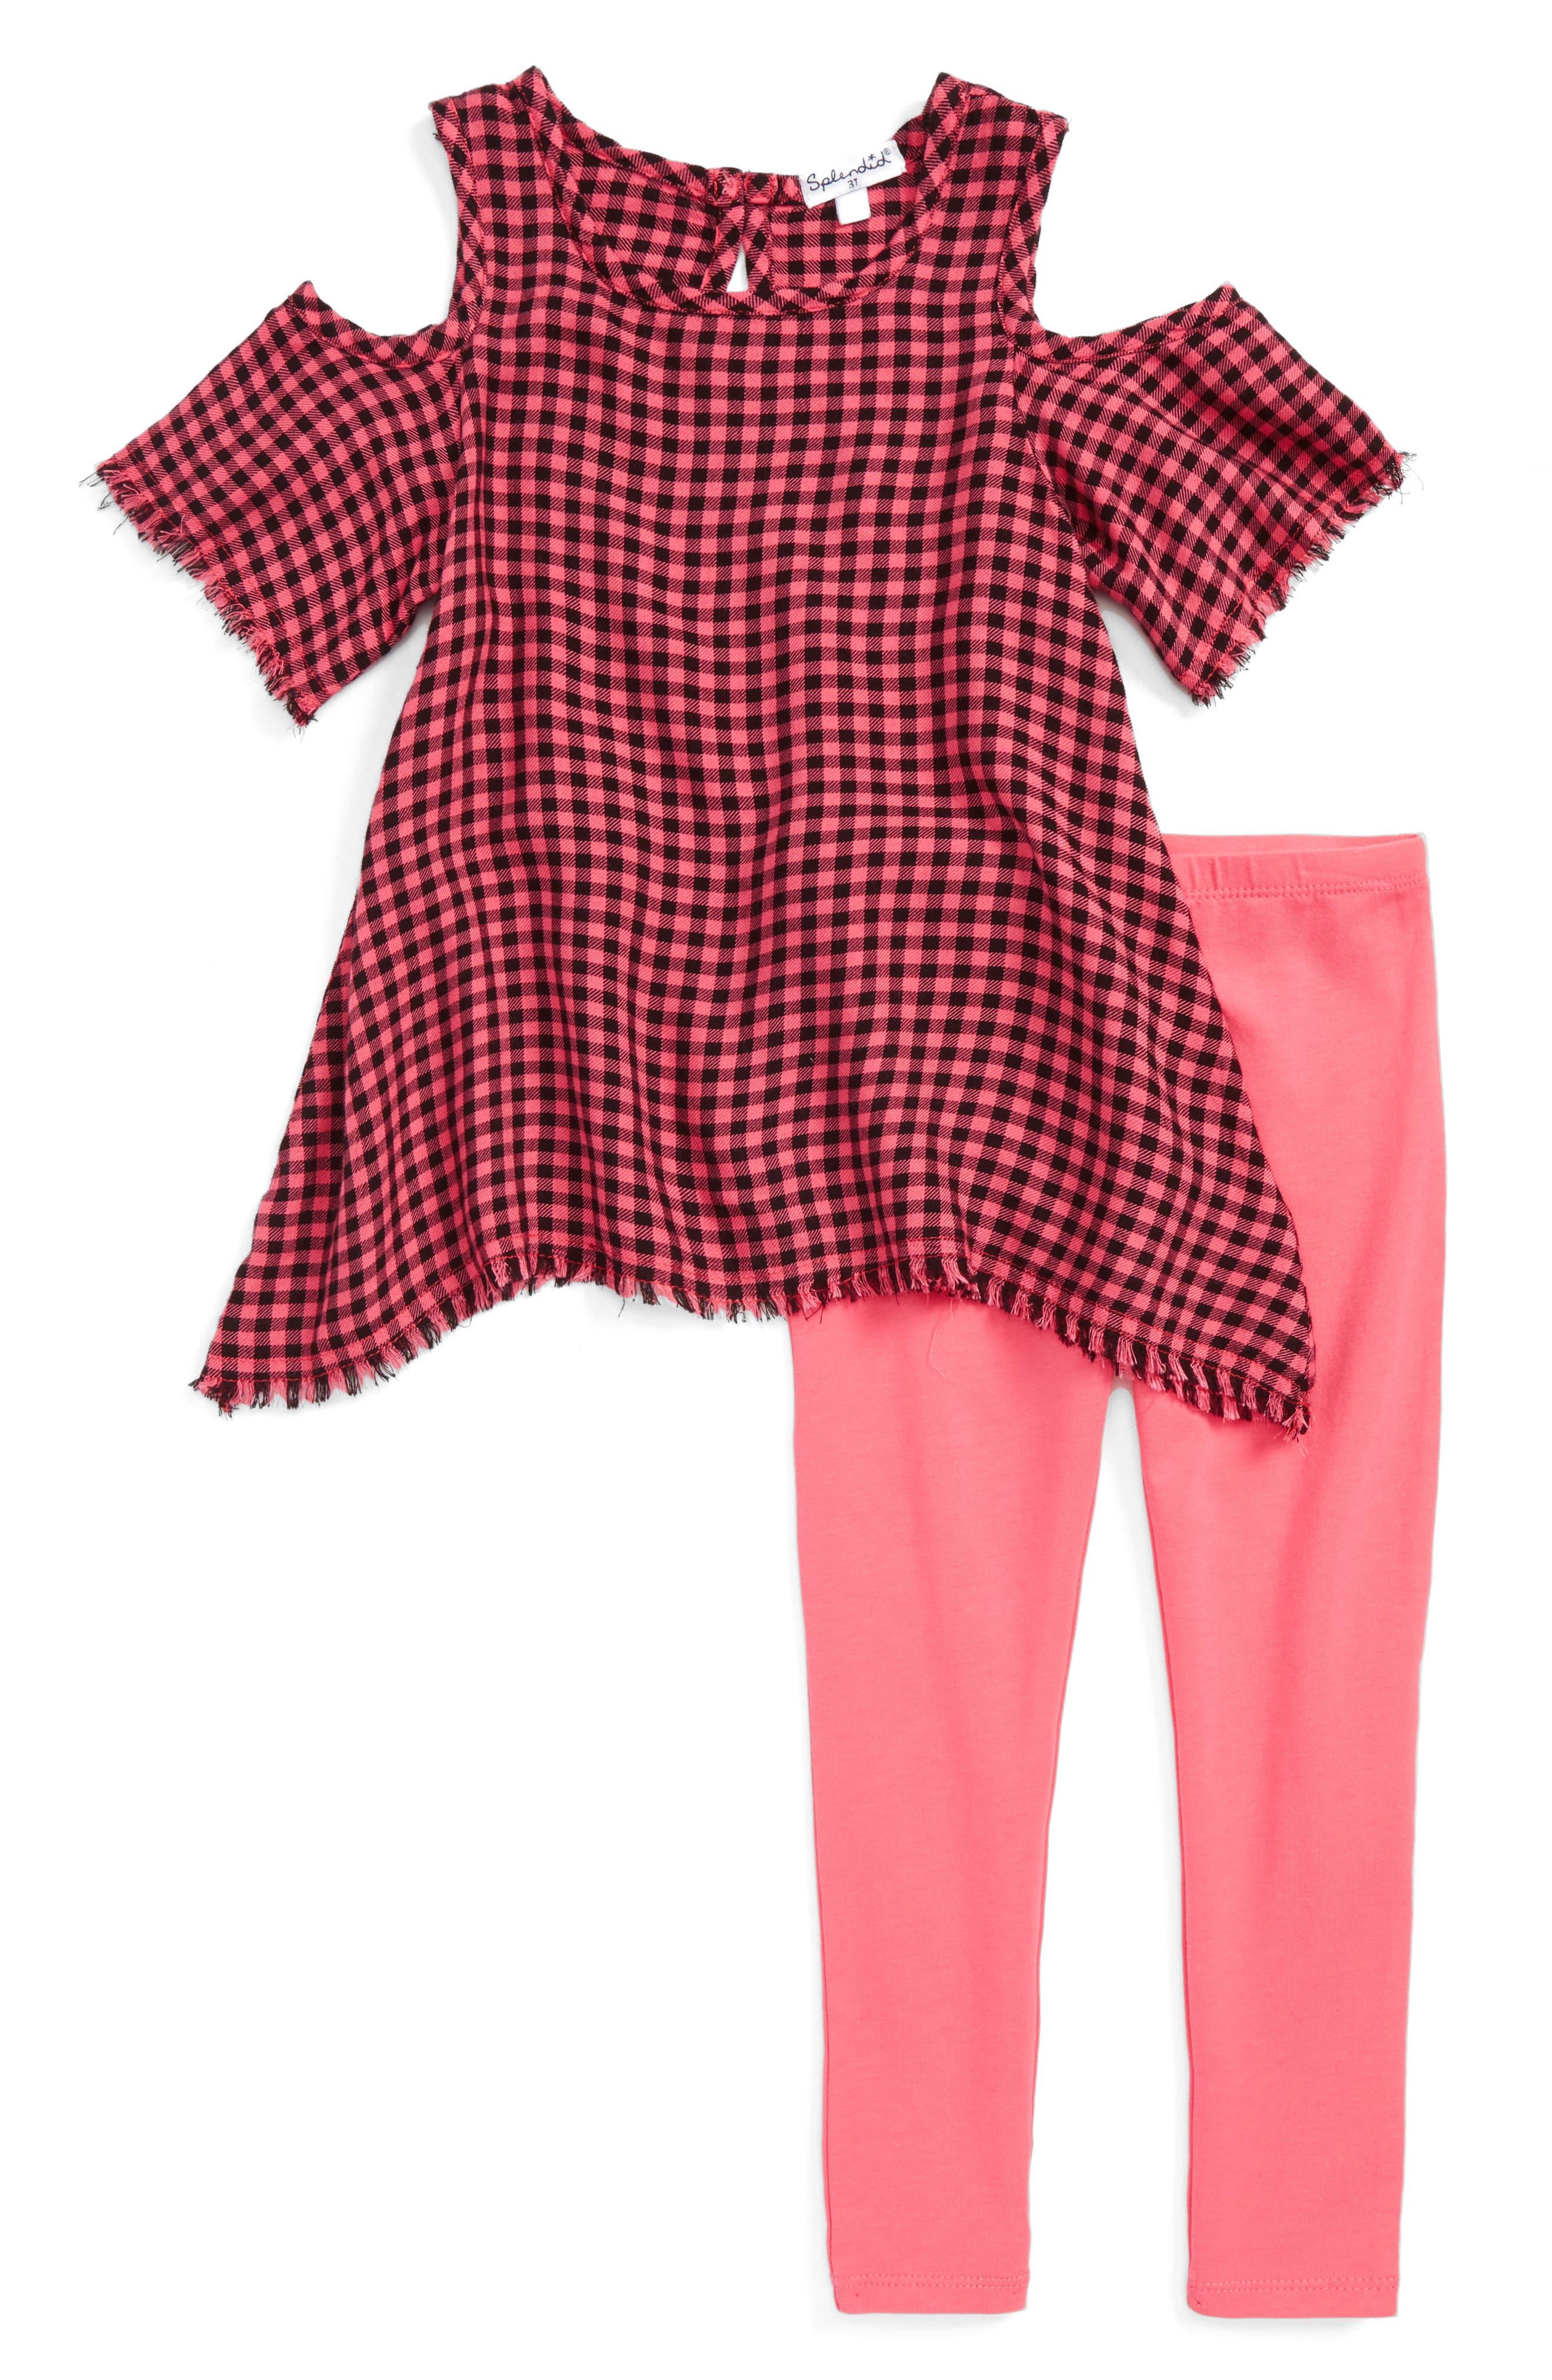 Alternate Image 1 Selected - Splendid Plaid Cold Shoulder Top & Leggings Set (Little Girls)